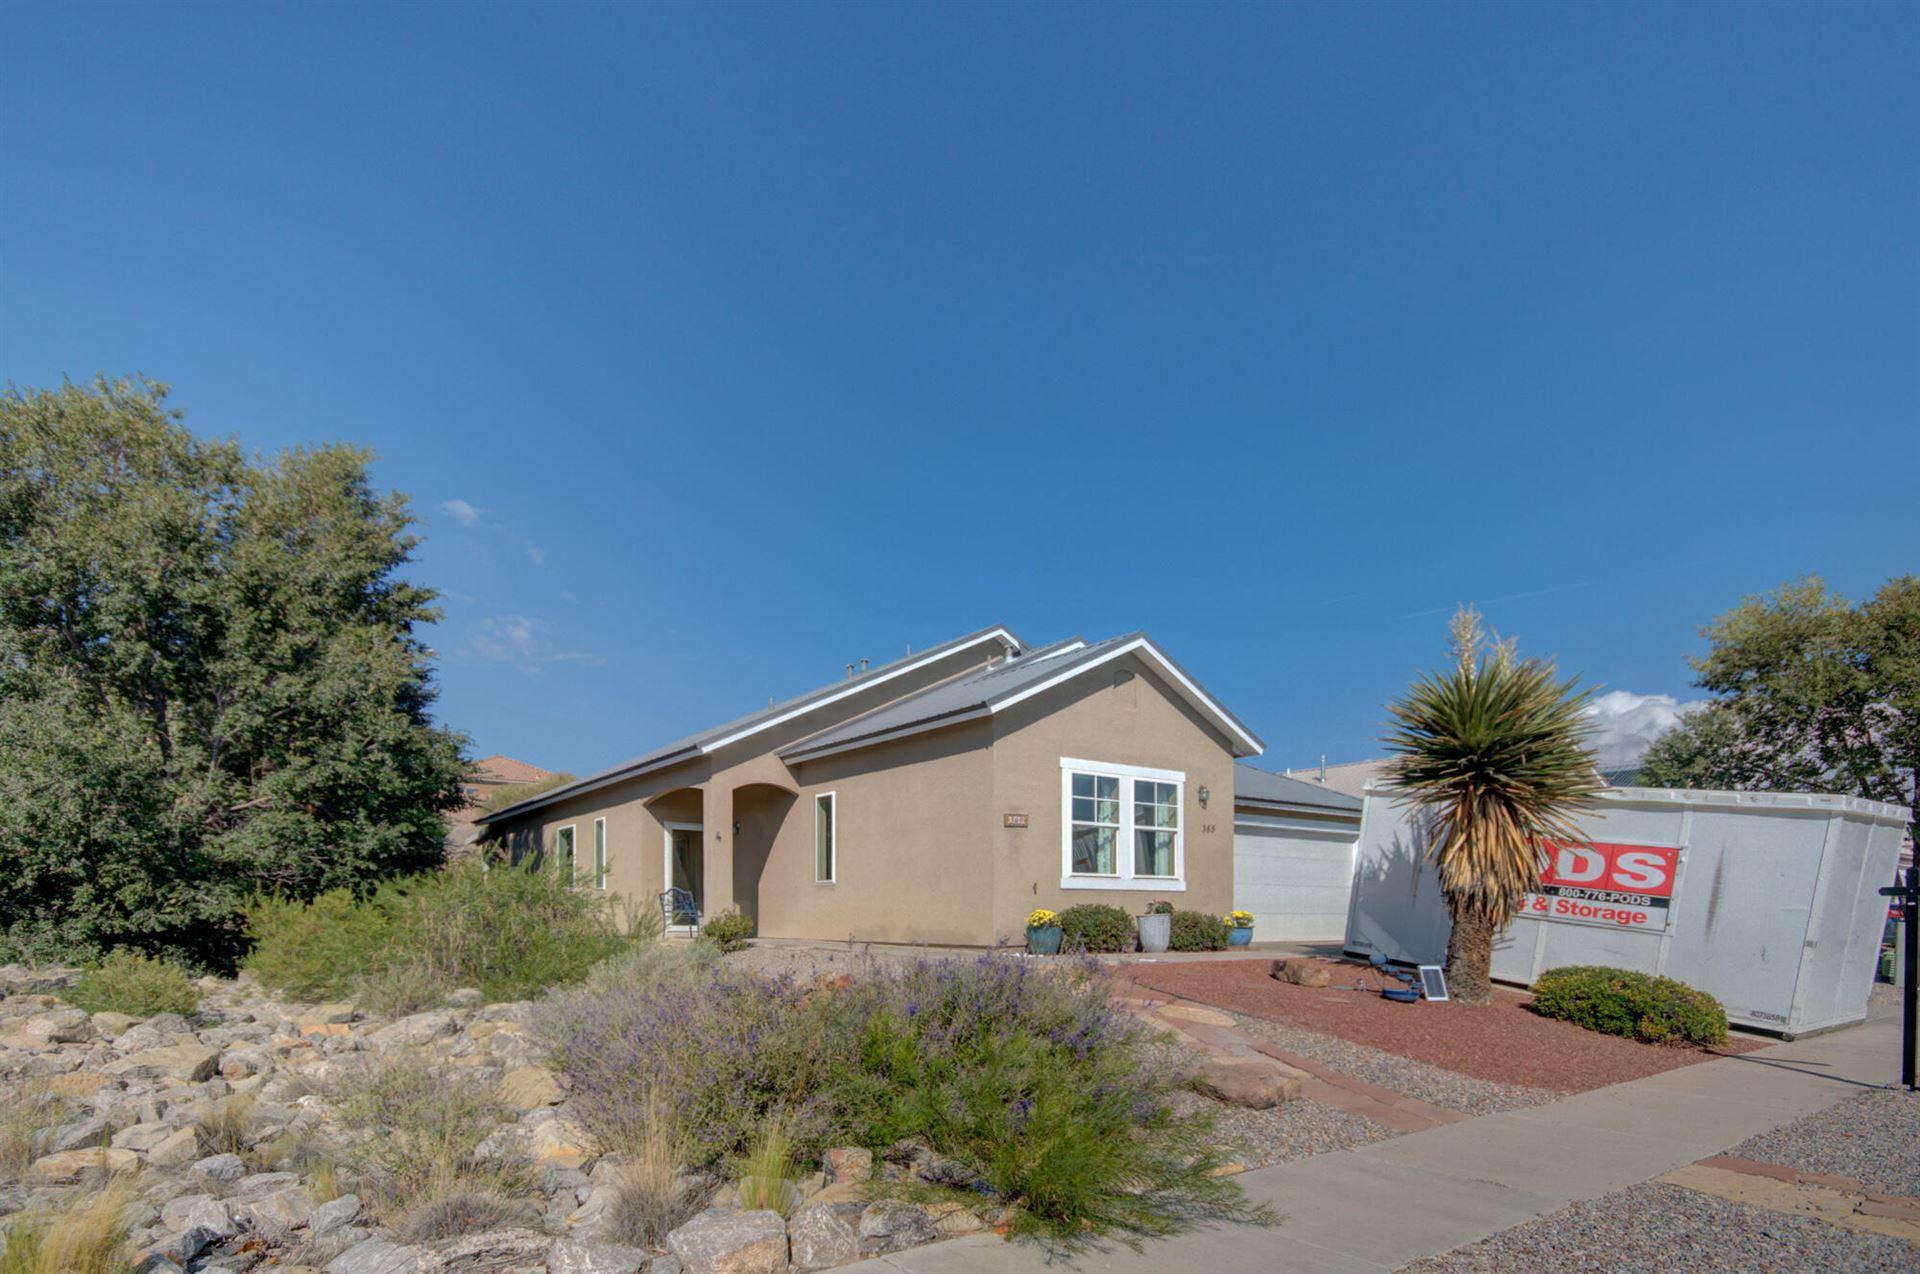 Photo of 369 MINTURN Loop NE, Rio Rancho, NM 87124 (MLS # 1001509)